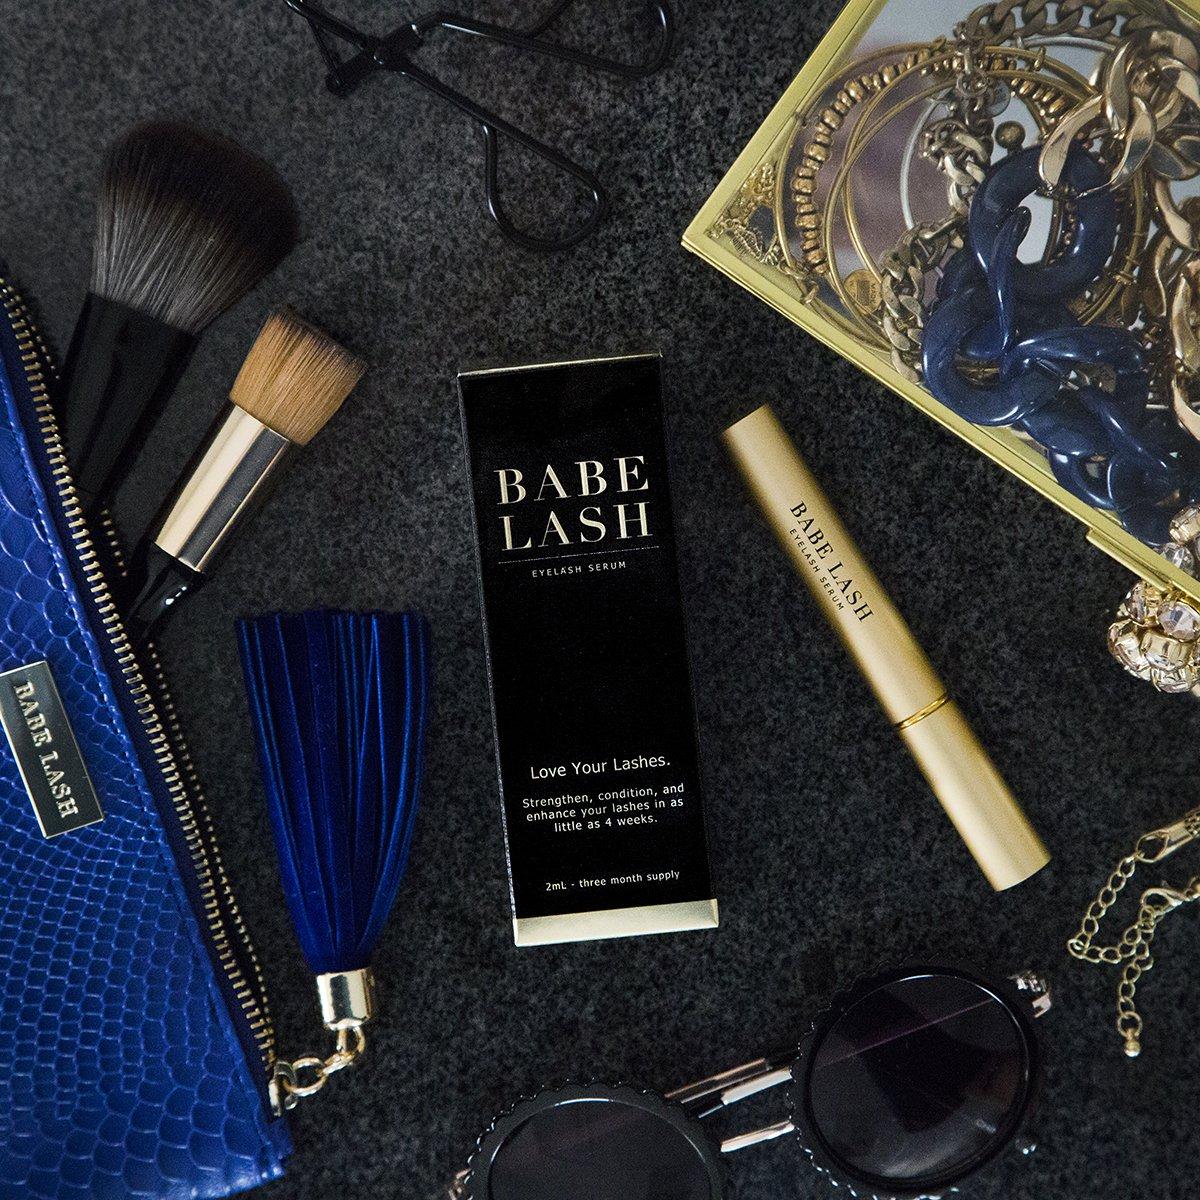 Babe Lash Eyelash Serum 4 Ml Amazon Beauty